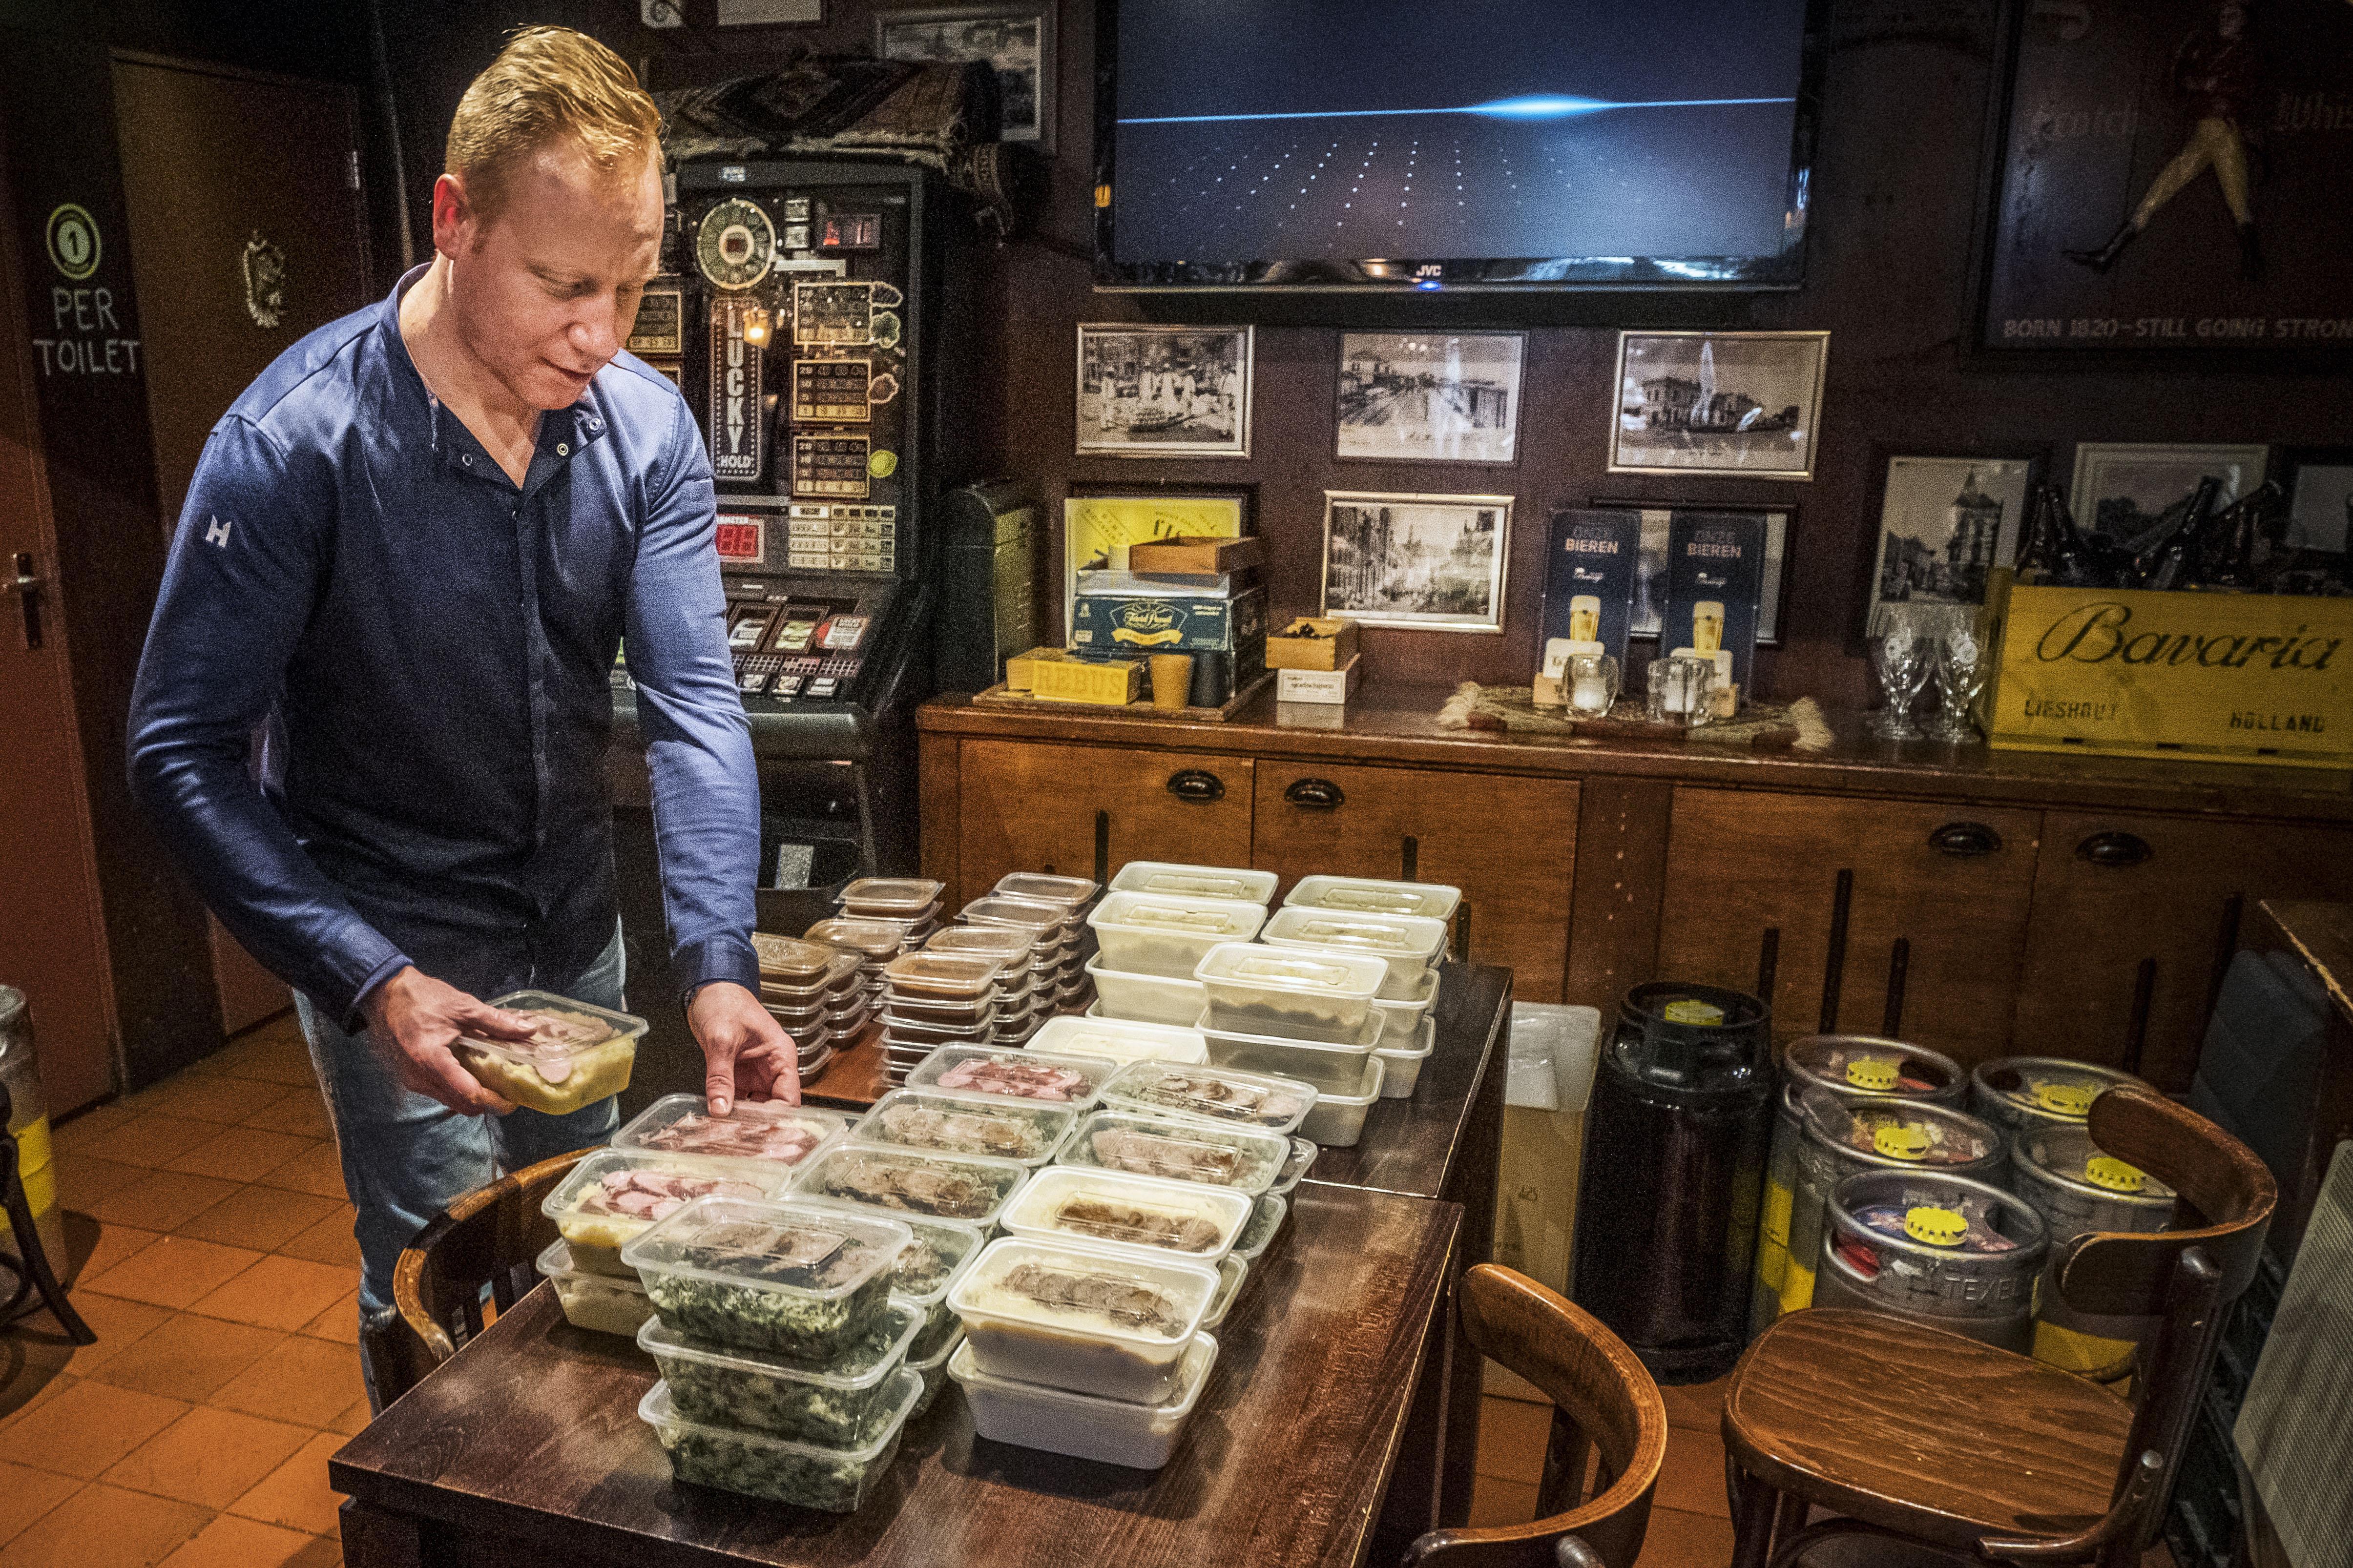 Café Bruintje in Alkmaar verkoopt stamppot om coronacrisis te overleven. 'De boerenkool loopt het best'